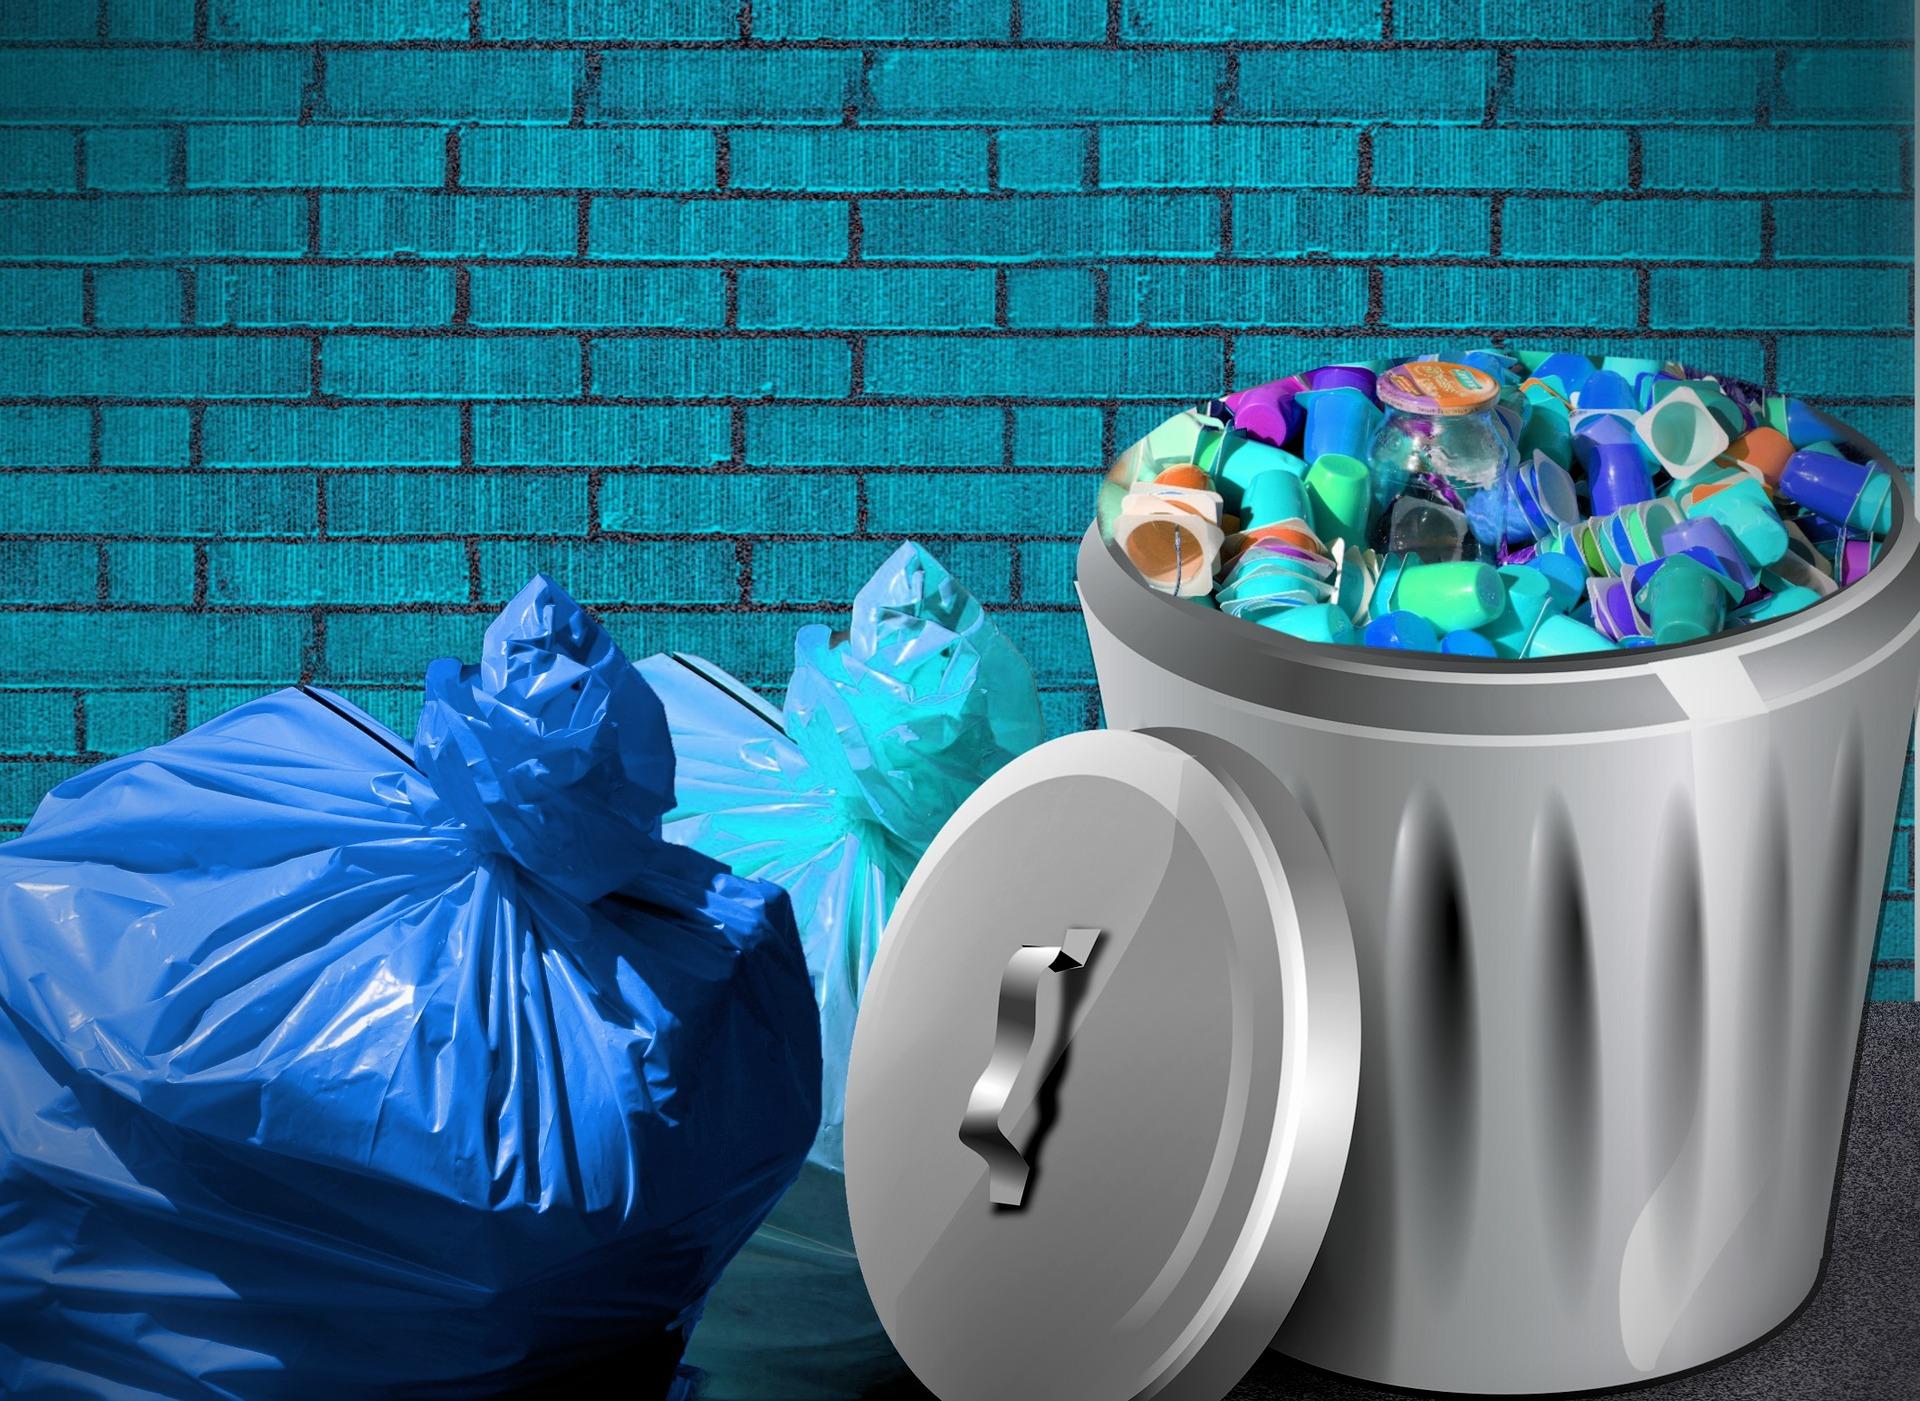 garbage bag 1256041 1920 16. Juni 2021